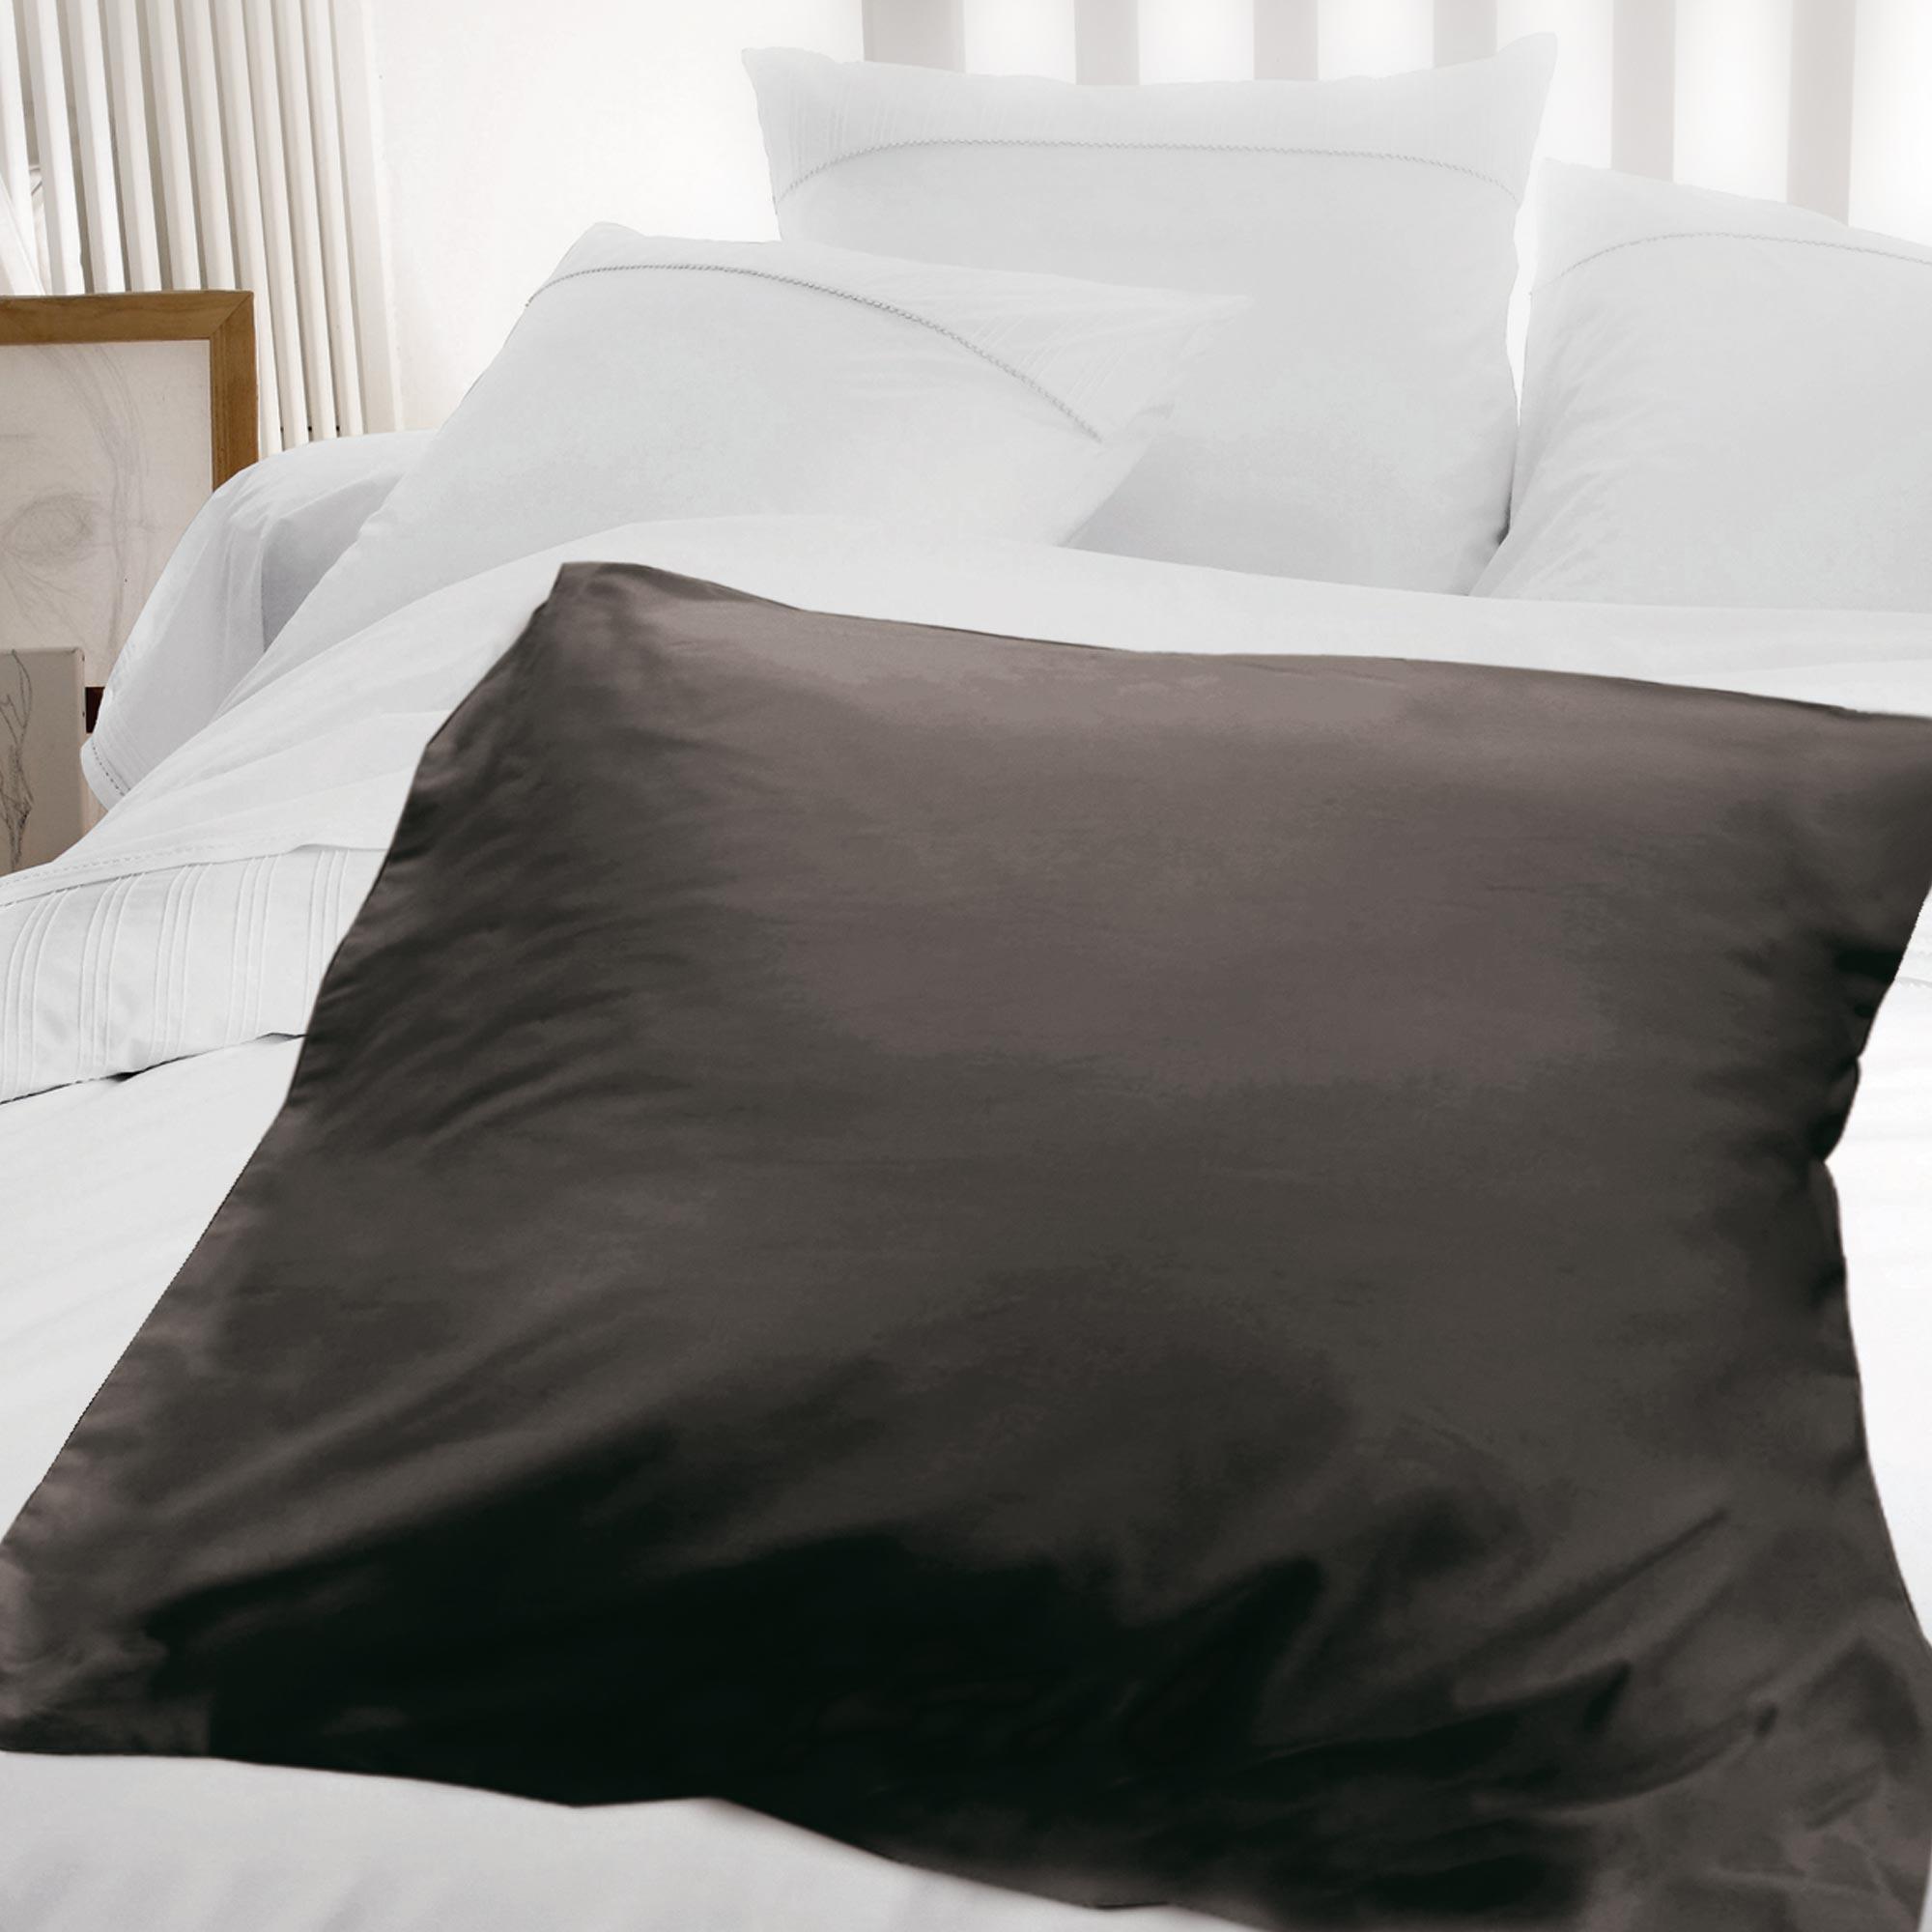 housse d 39 dredon 140x150cm uni pur coton alto marron mangan se linnea linge de maison et. Black Bedroom Furniture Sets. Home Design Ideas